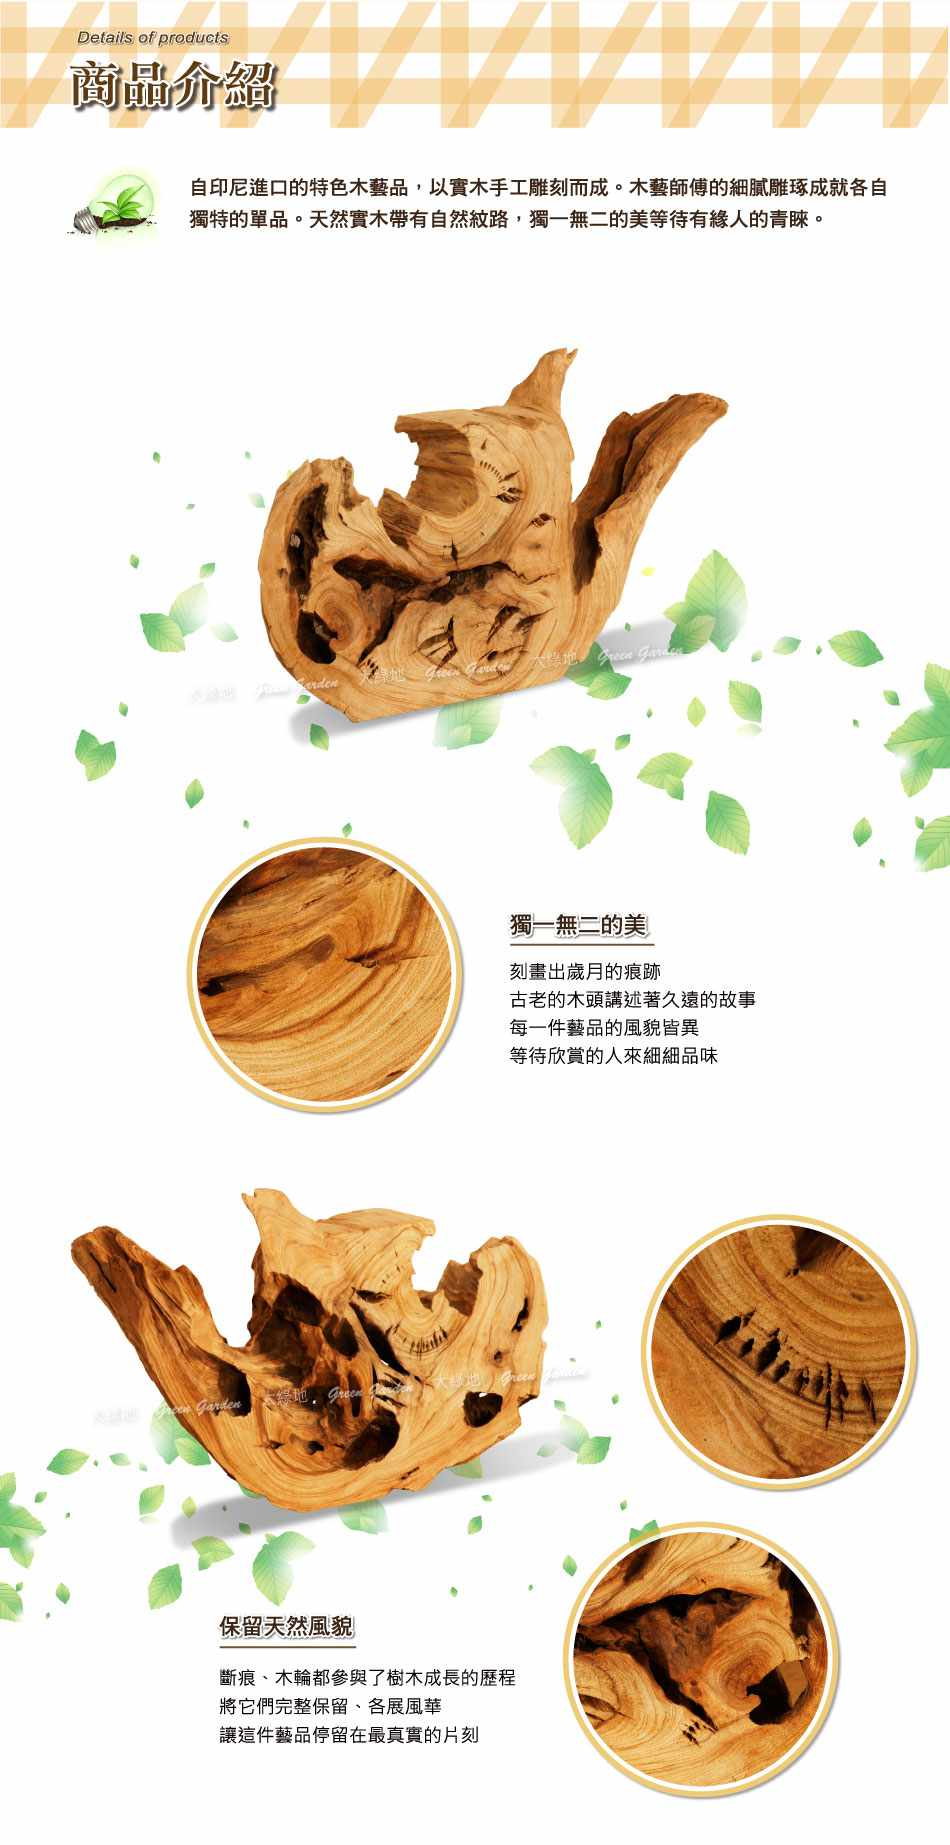 香樟木藝品52